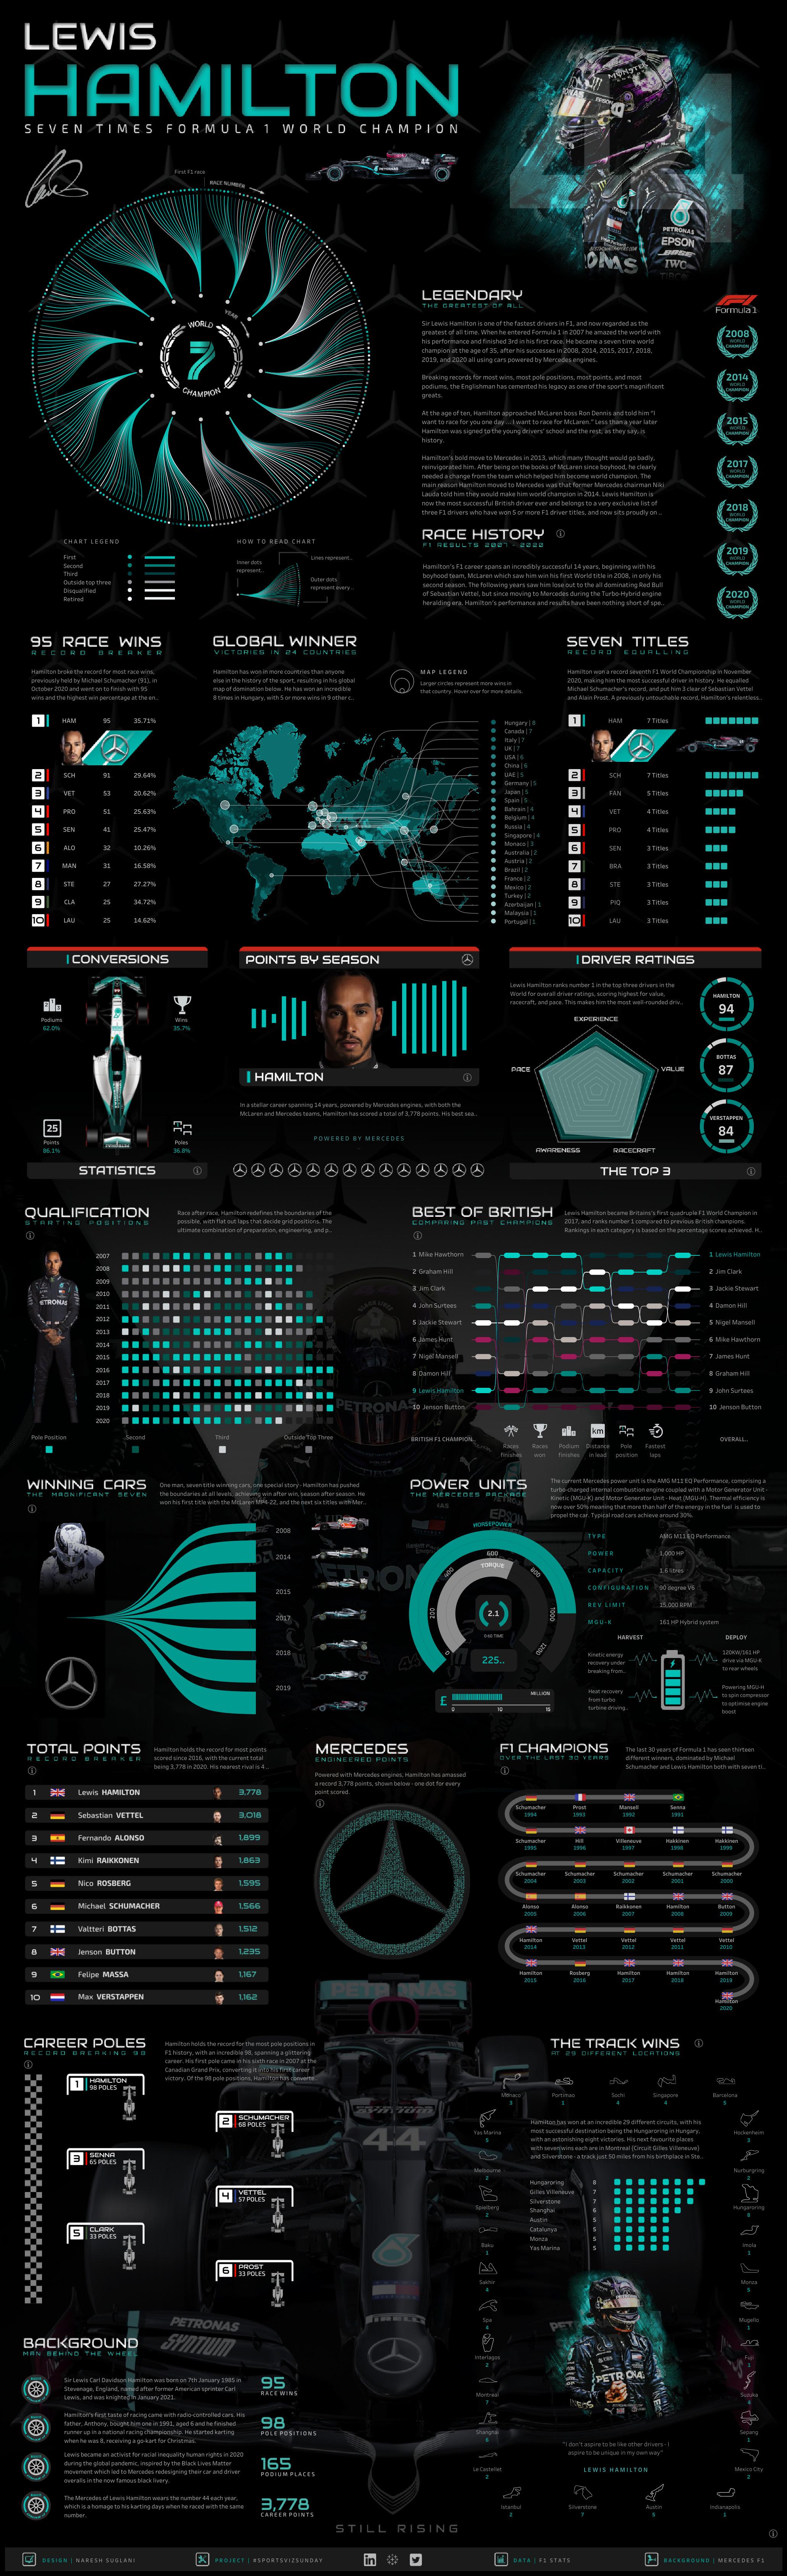 Lewis Hamilton Infographic